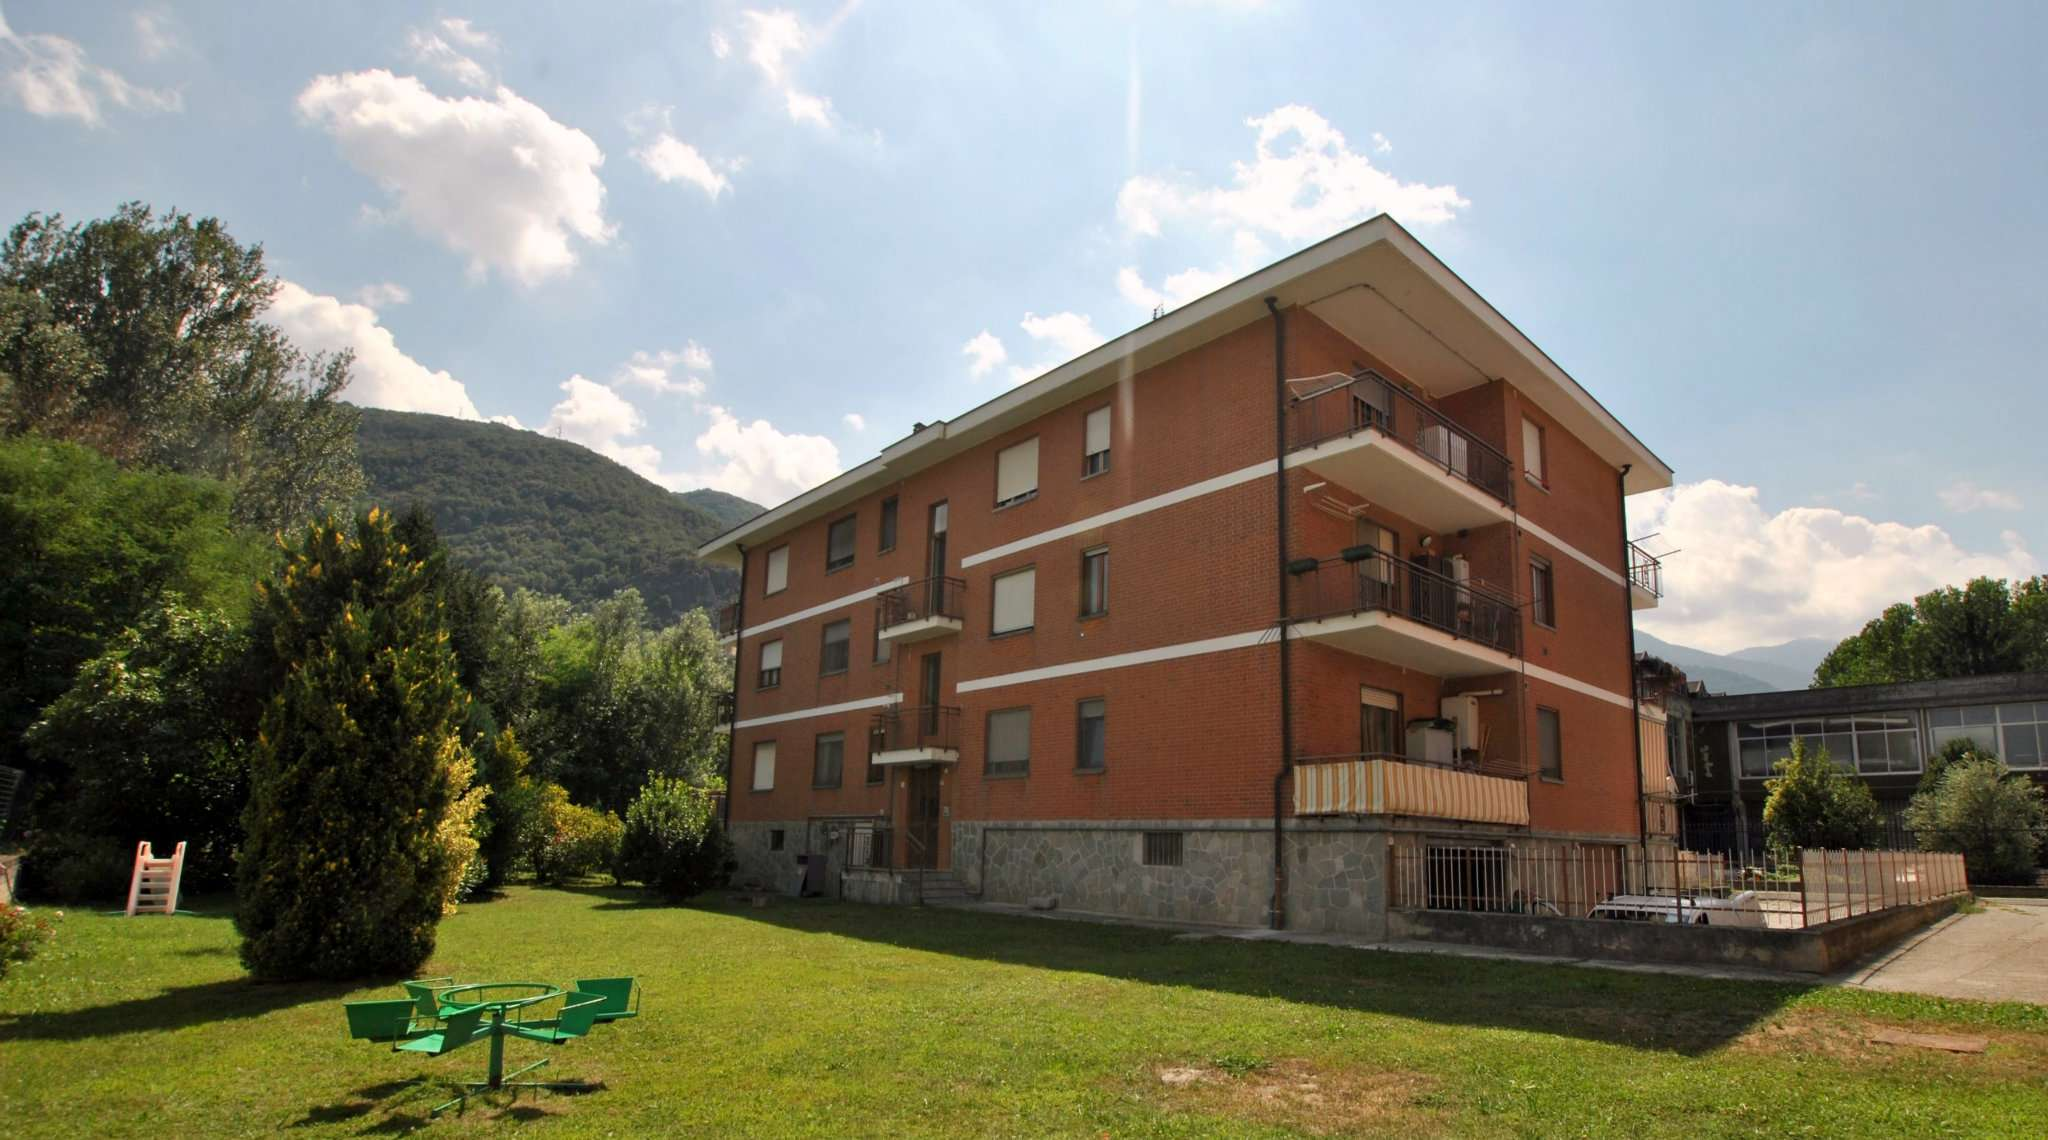 Appartamento in vendita a Chiusa di San Michele, 2 locali, prezzo € 63.000 | CambioCasa.it